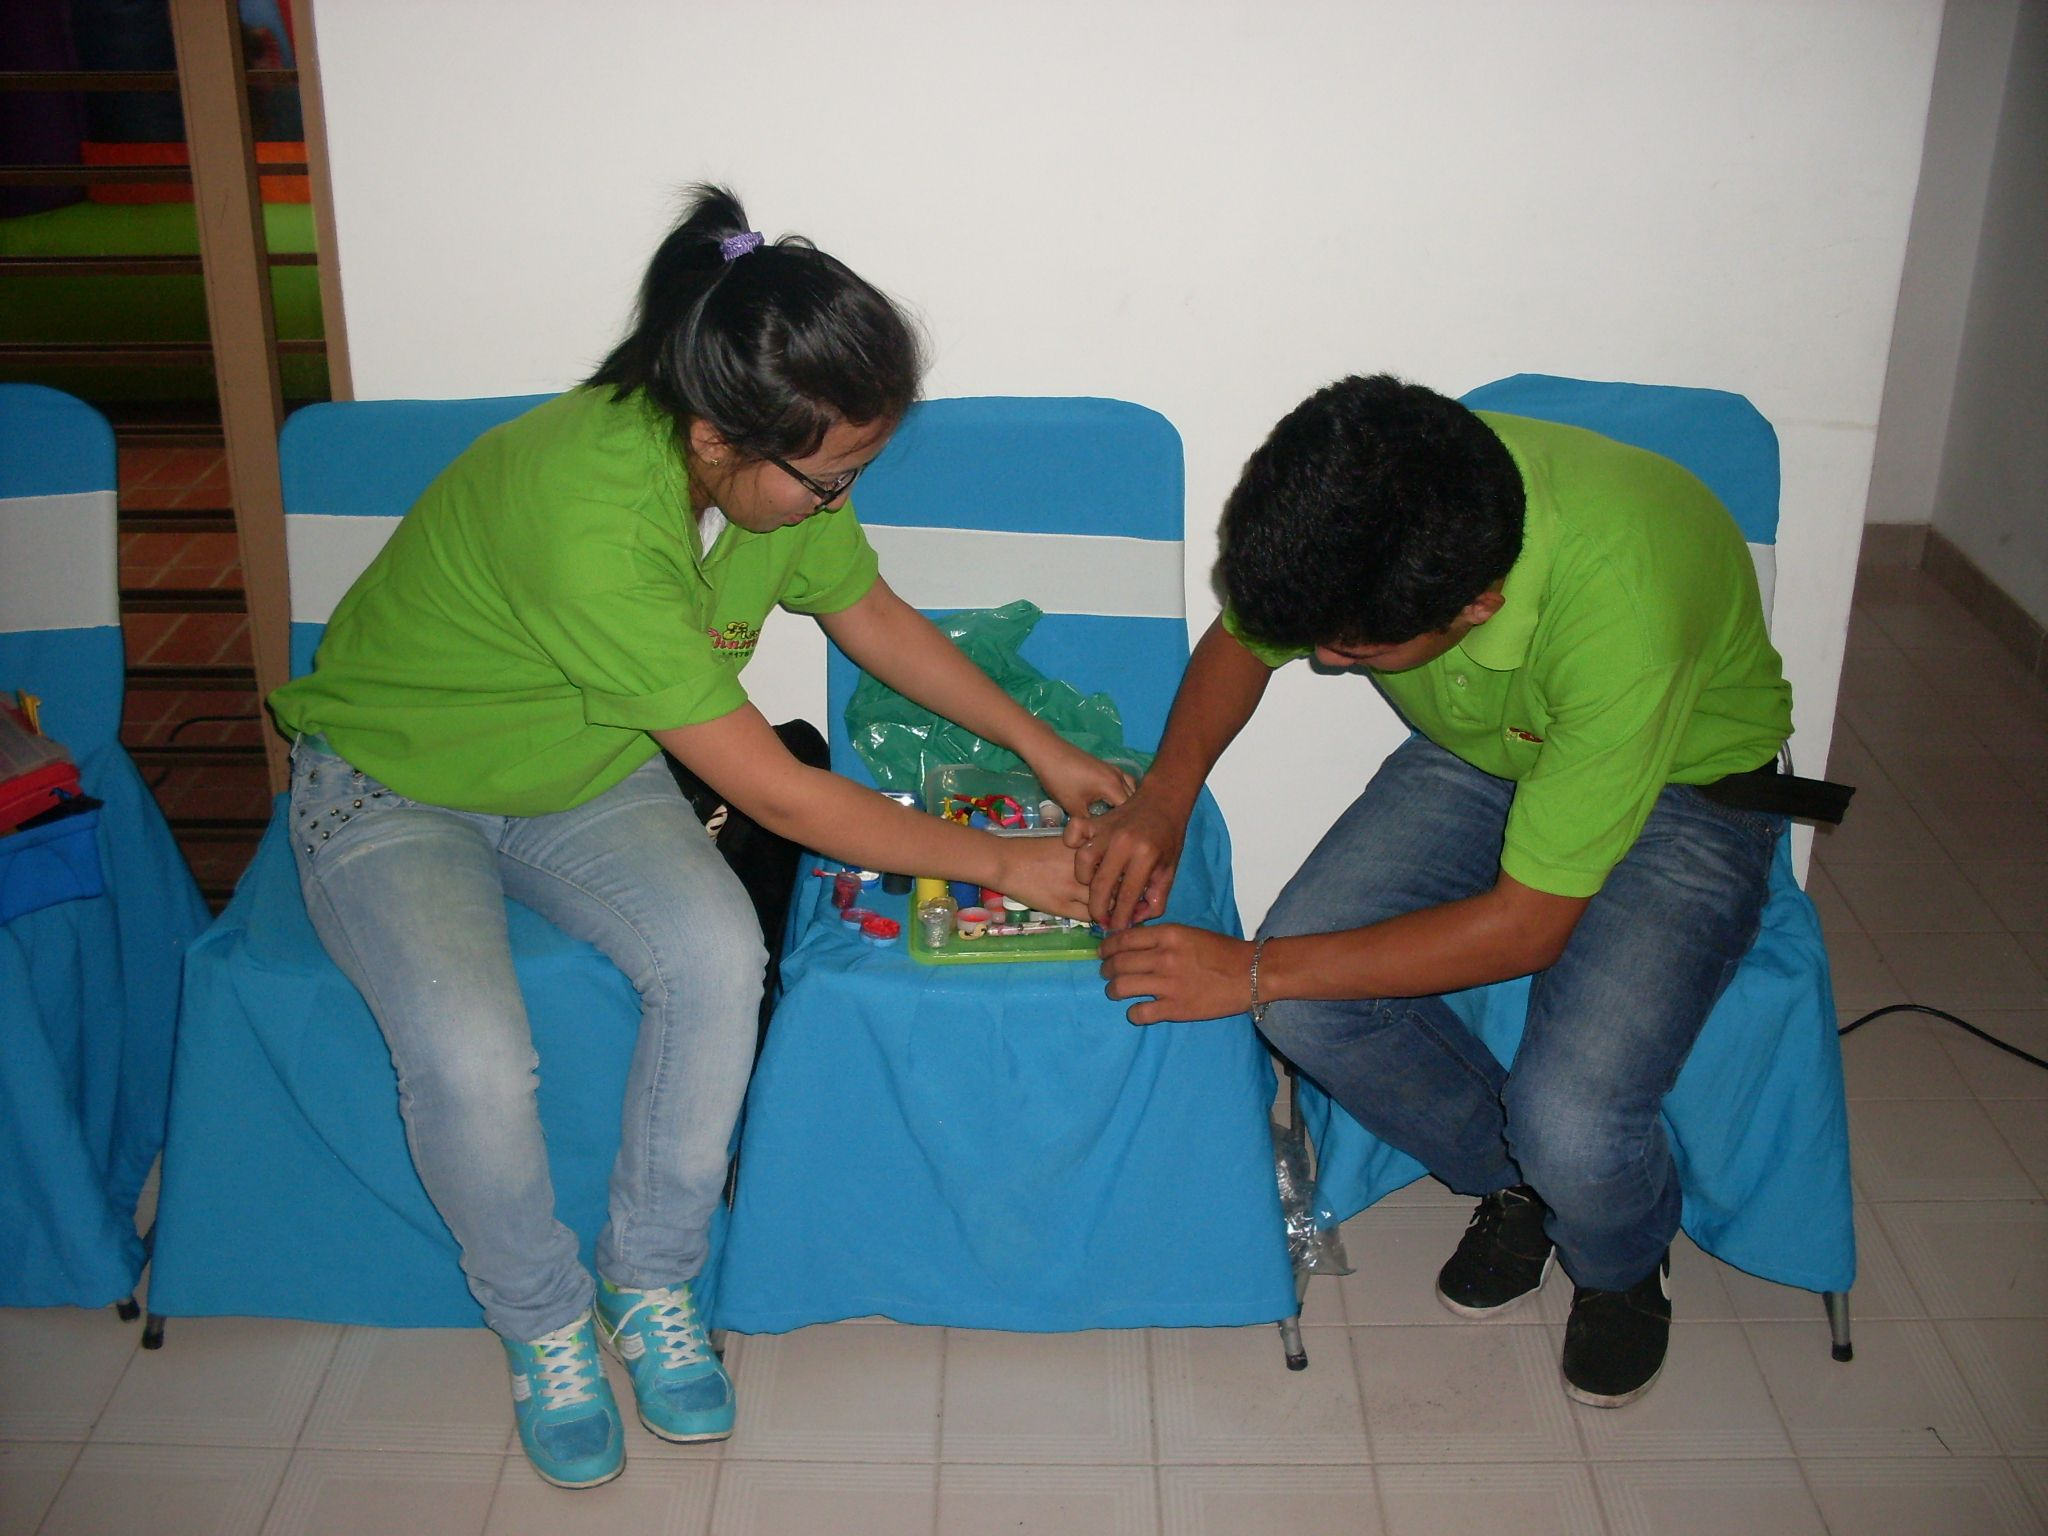 PORTAFOLIO DE EVENTOS www.fiestashamue.jimdo.com Contactenos Telefonos: 0212-427.6042/0416-219.1474 fiestashamuel@gmail.com